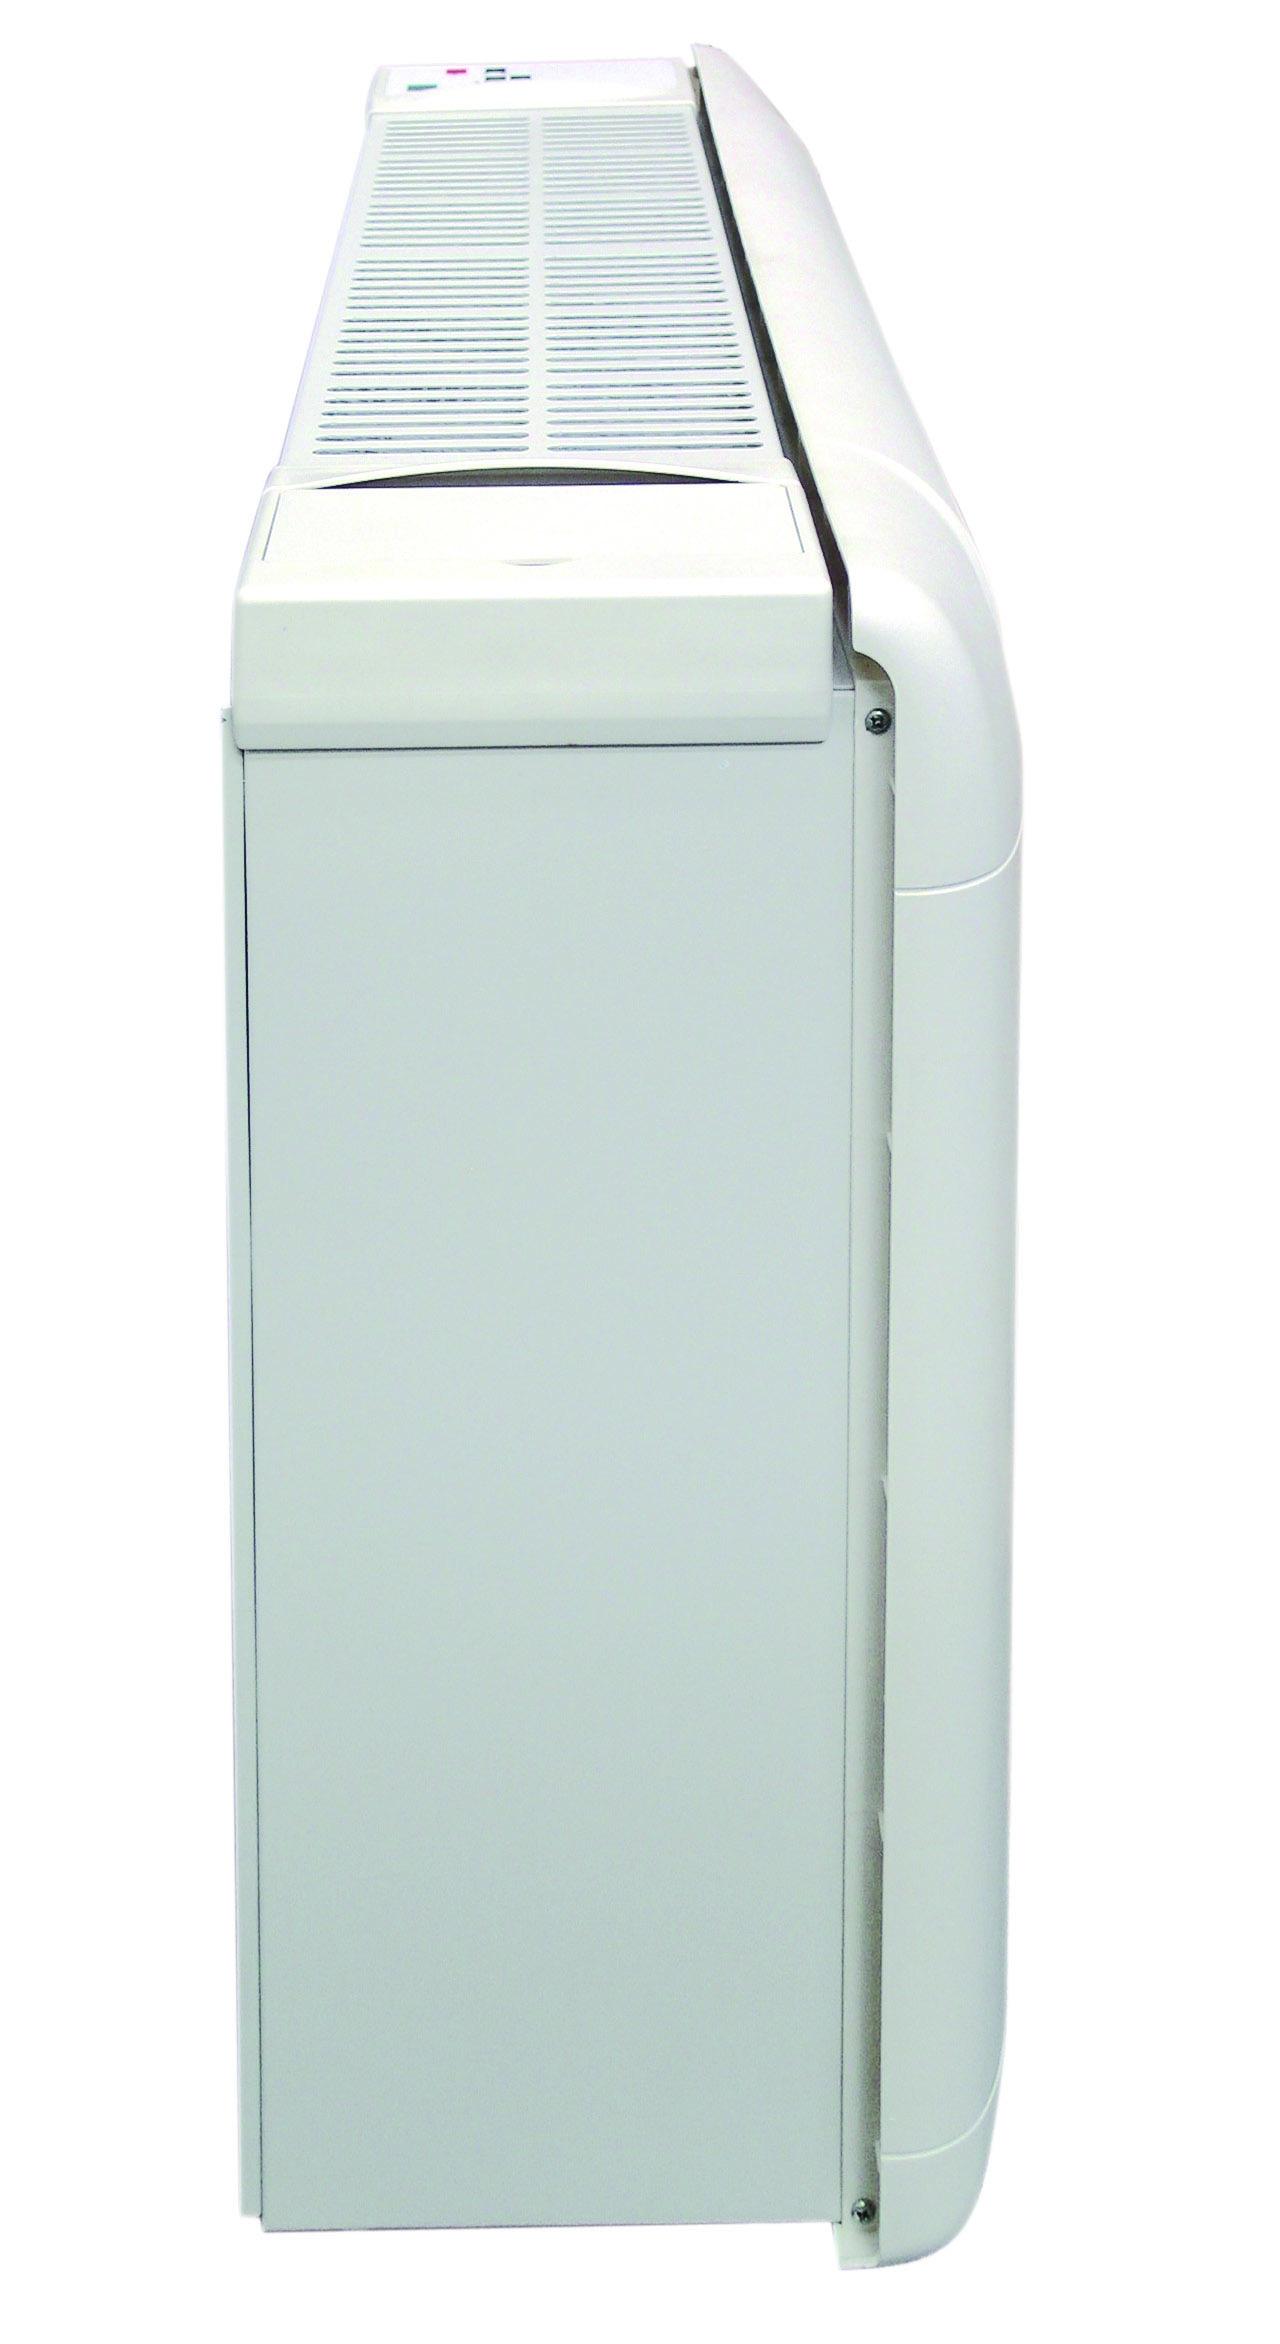 Monoblock klimager t maxa il bello iq dc inverter 2 9 kw for Klimagerat ohne ausseneinheit